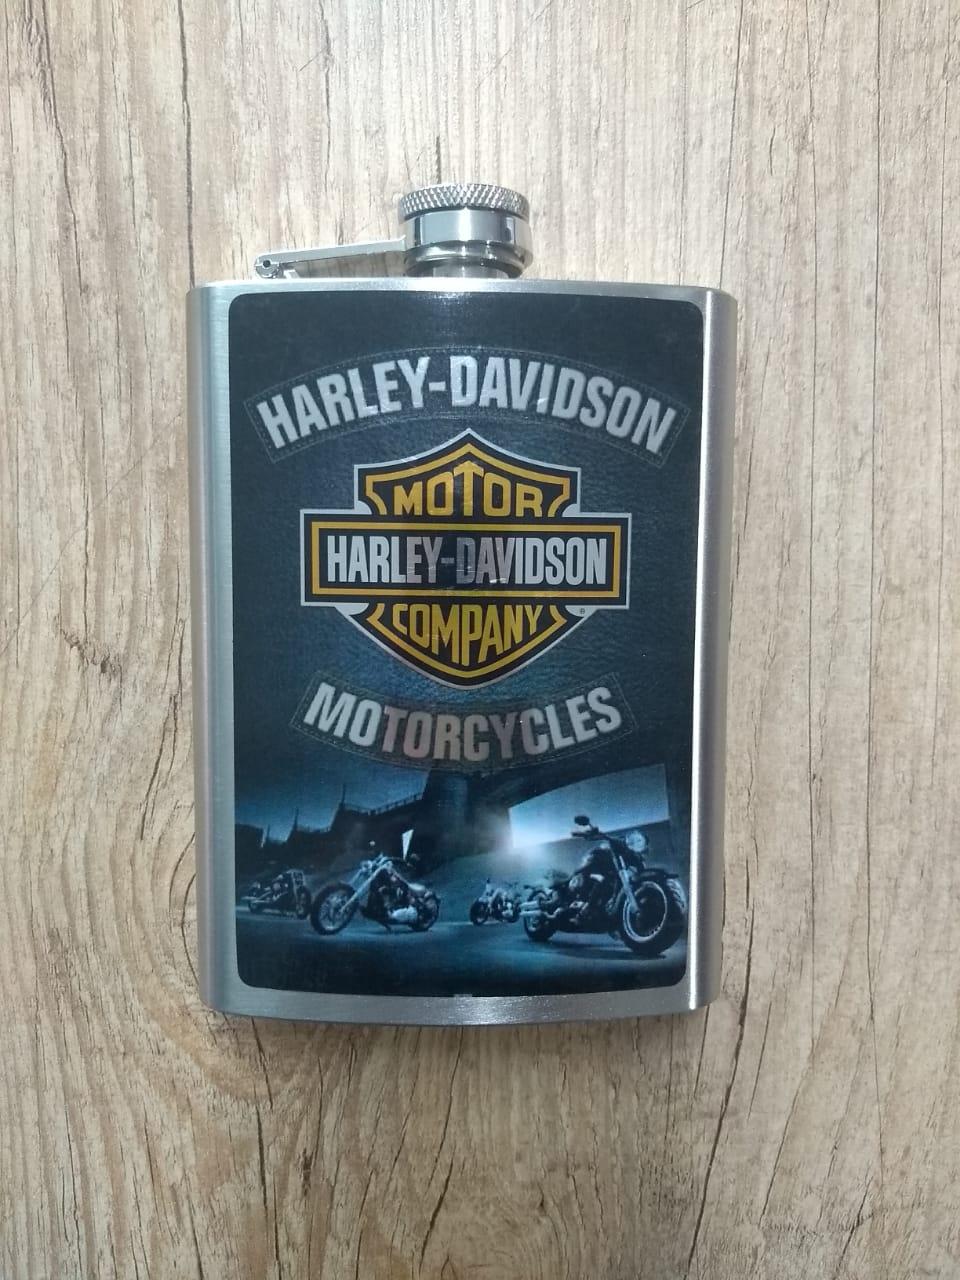 Cantil em Metal - Motivo Harley-Davidson - Mod 02 - 022/99200